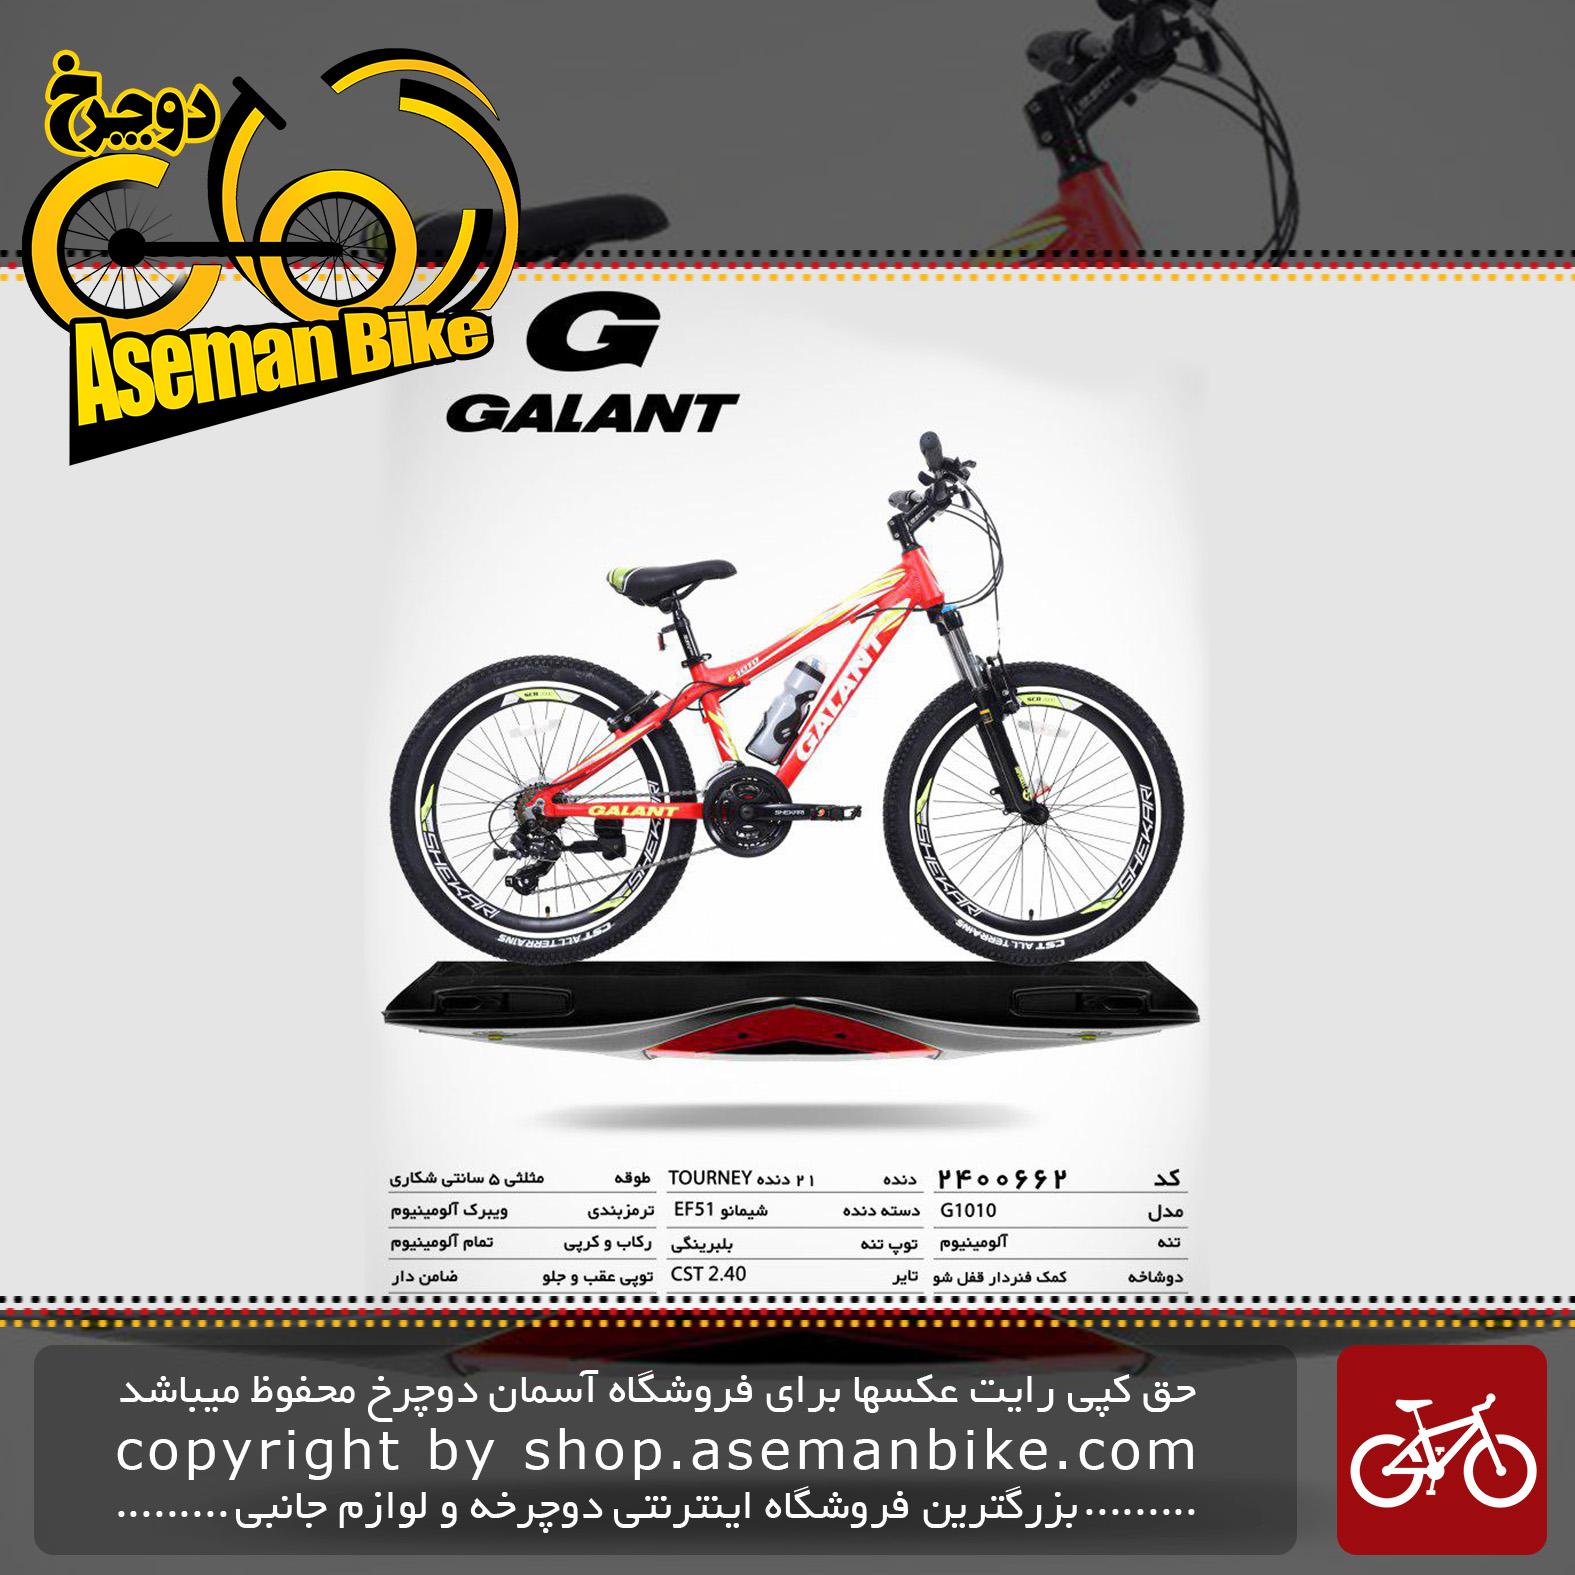 دوچرخه کوهستان شهری گالانت جی 1010 21 دنده سایز 24 ساخت تایوان GALANT Mountain City Bicycle Taiwan G1010 Size 24 2019